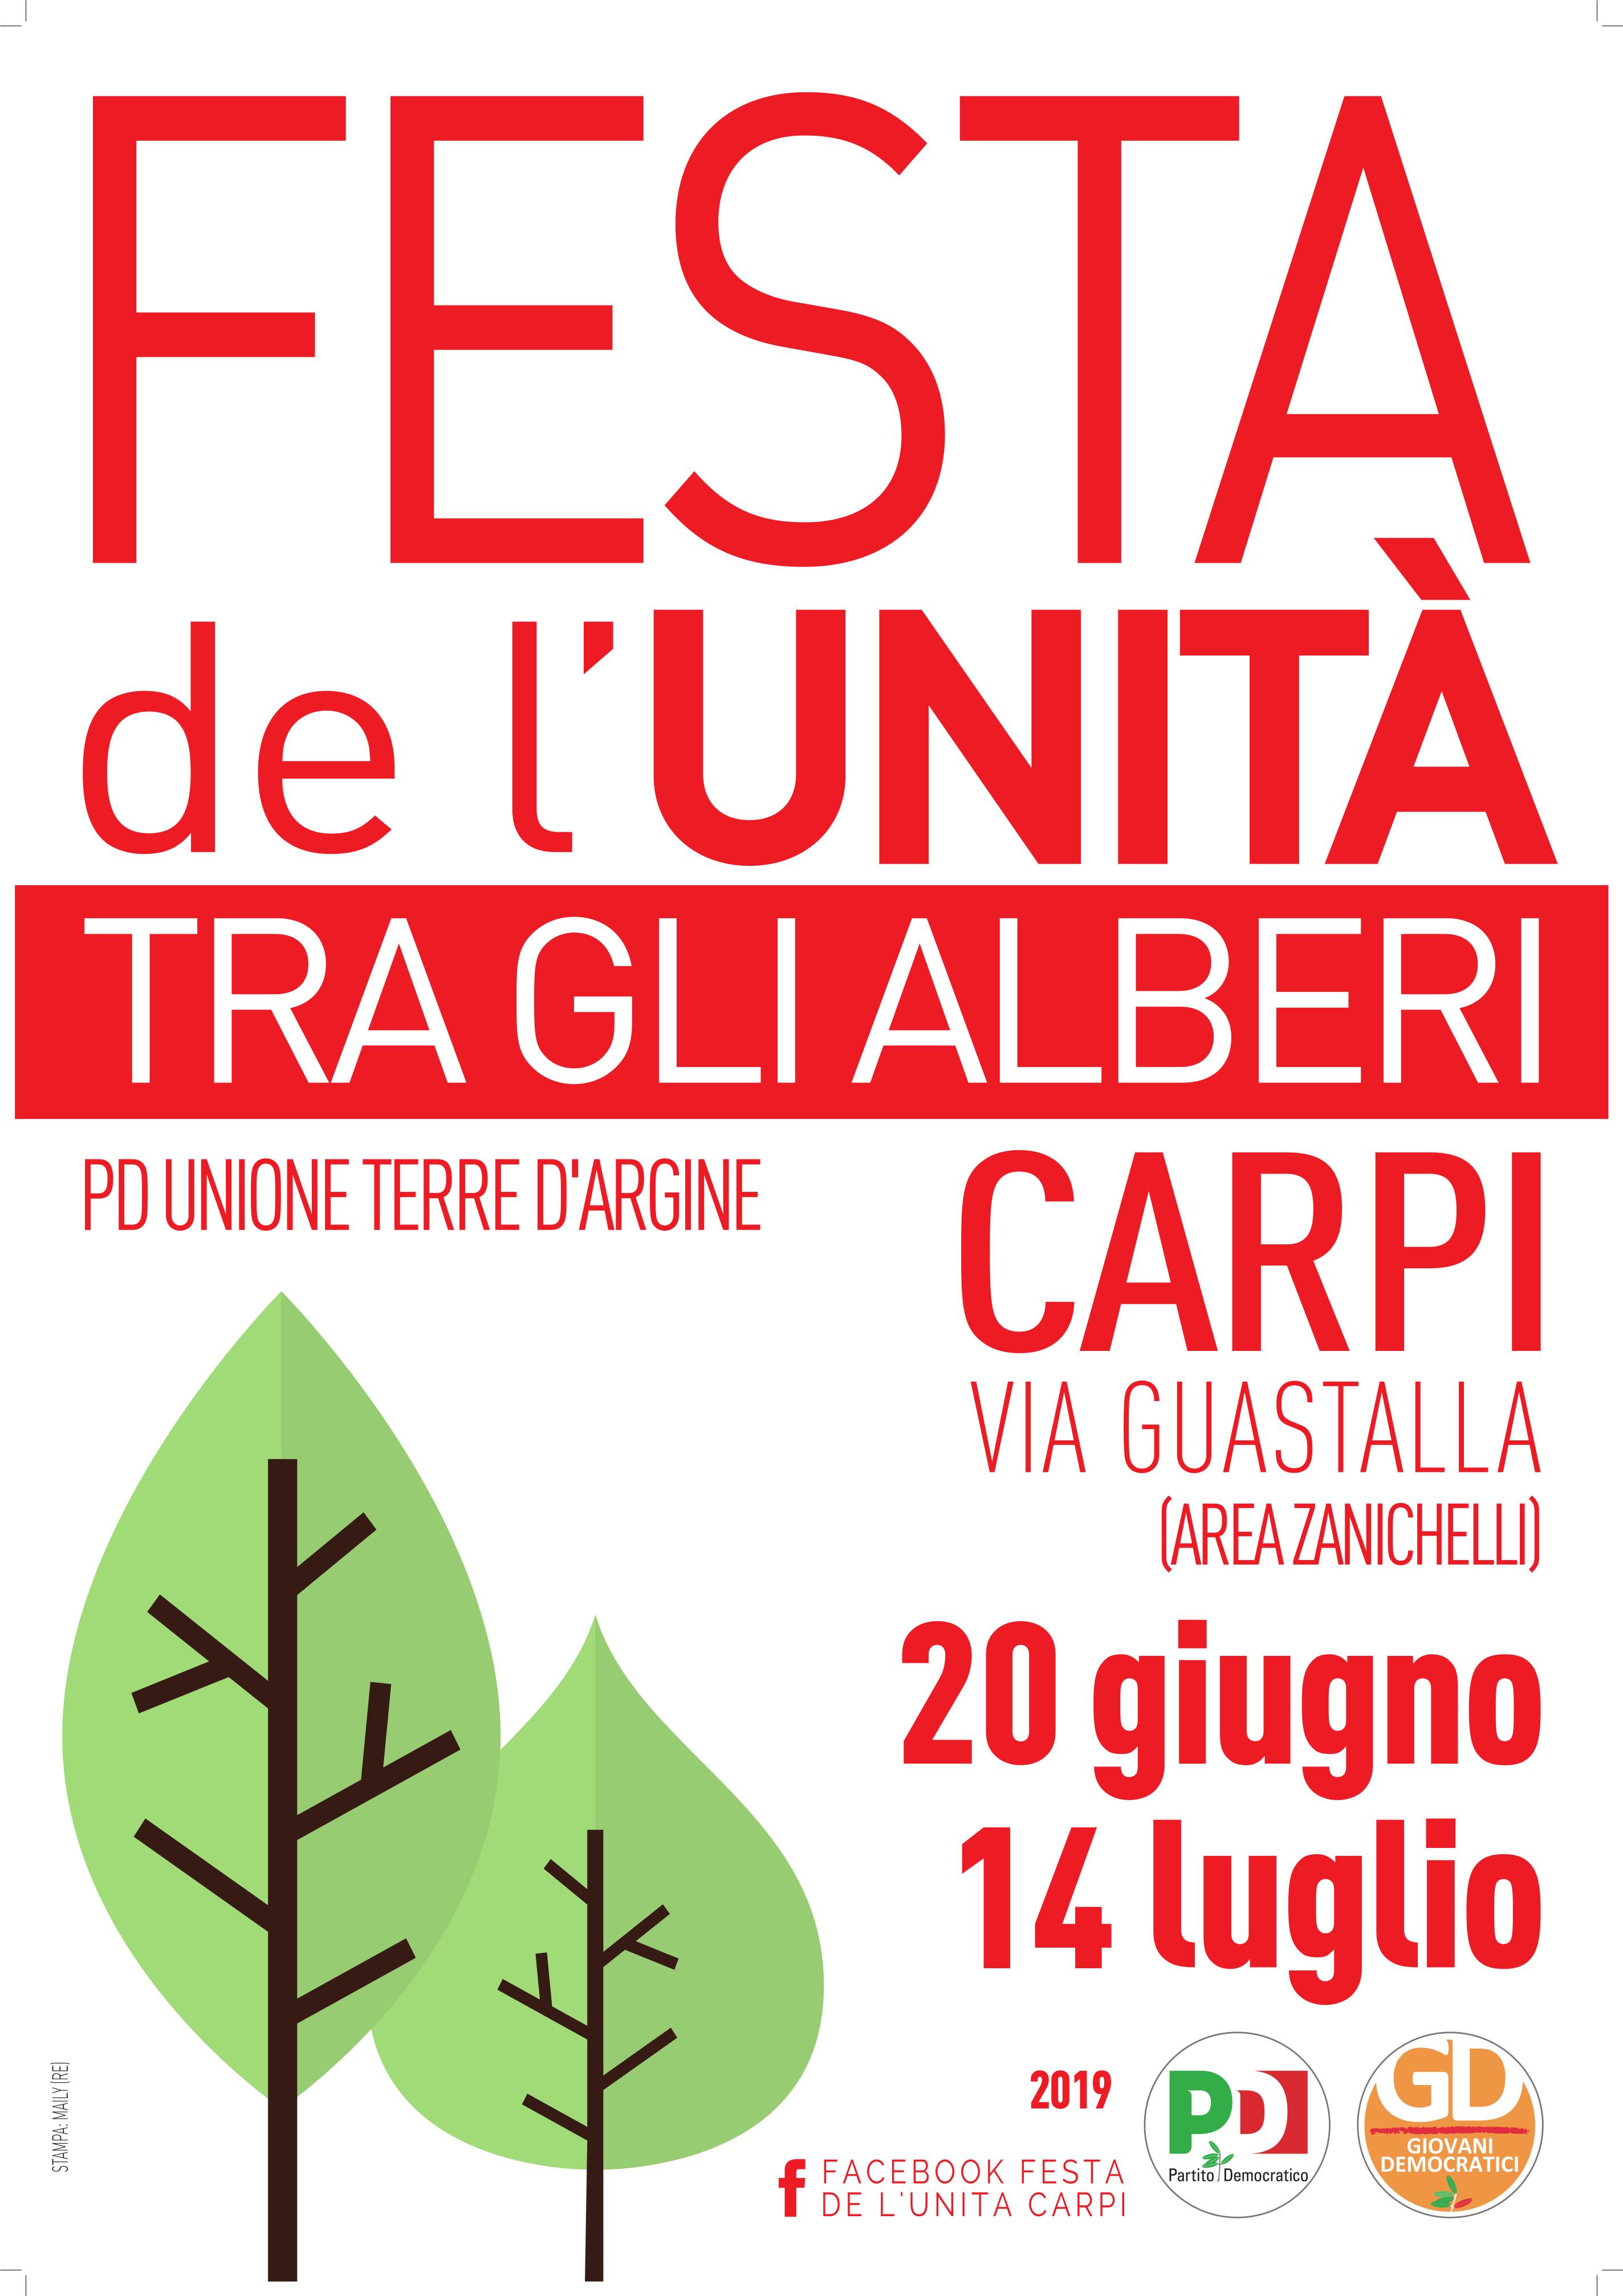 Festa Pd Terre d'argine, 20 giugno-14 luglio